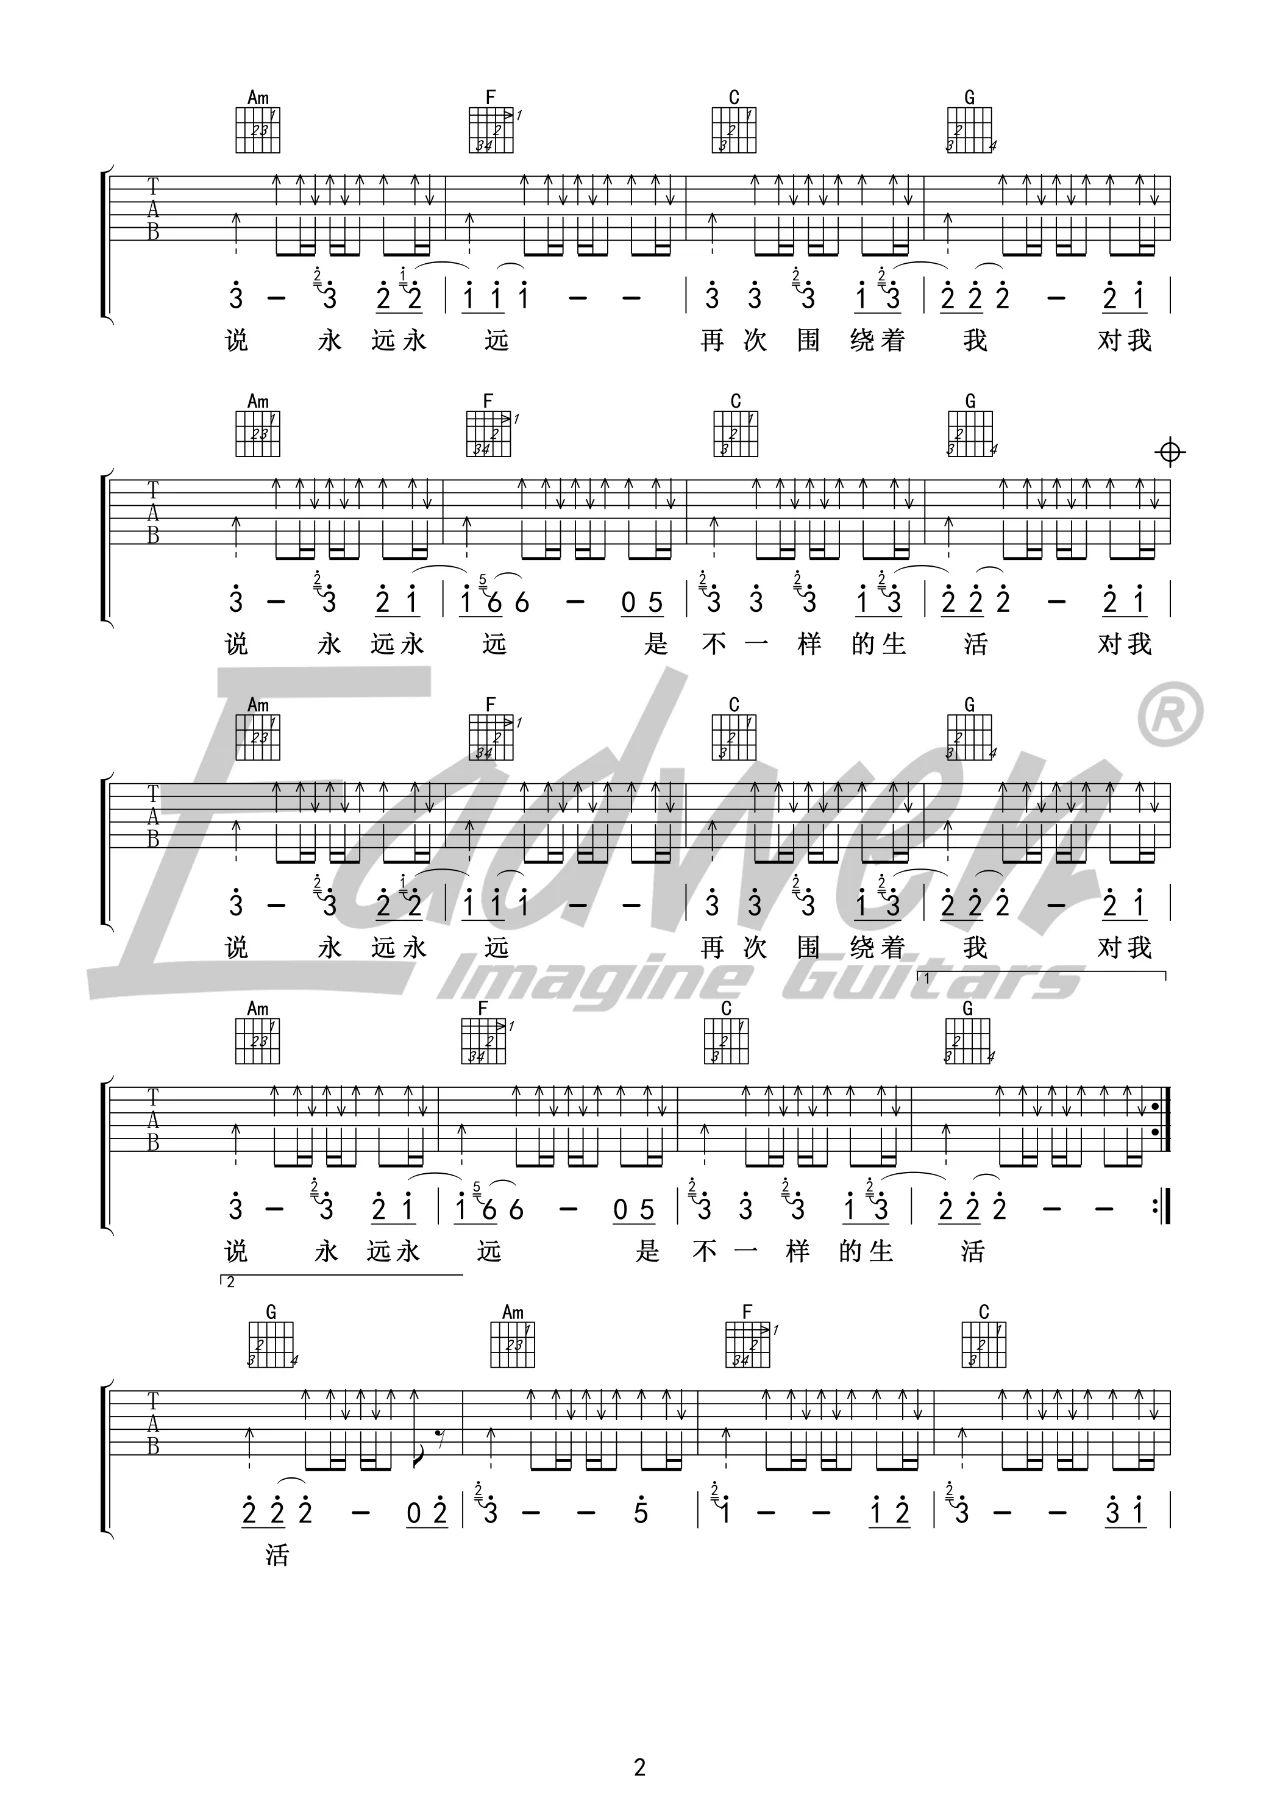 吉他派茶底世界吉他谱-2